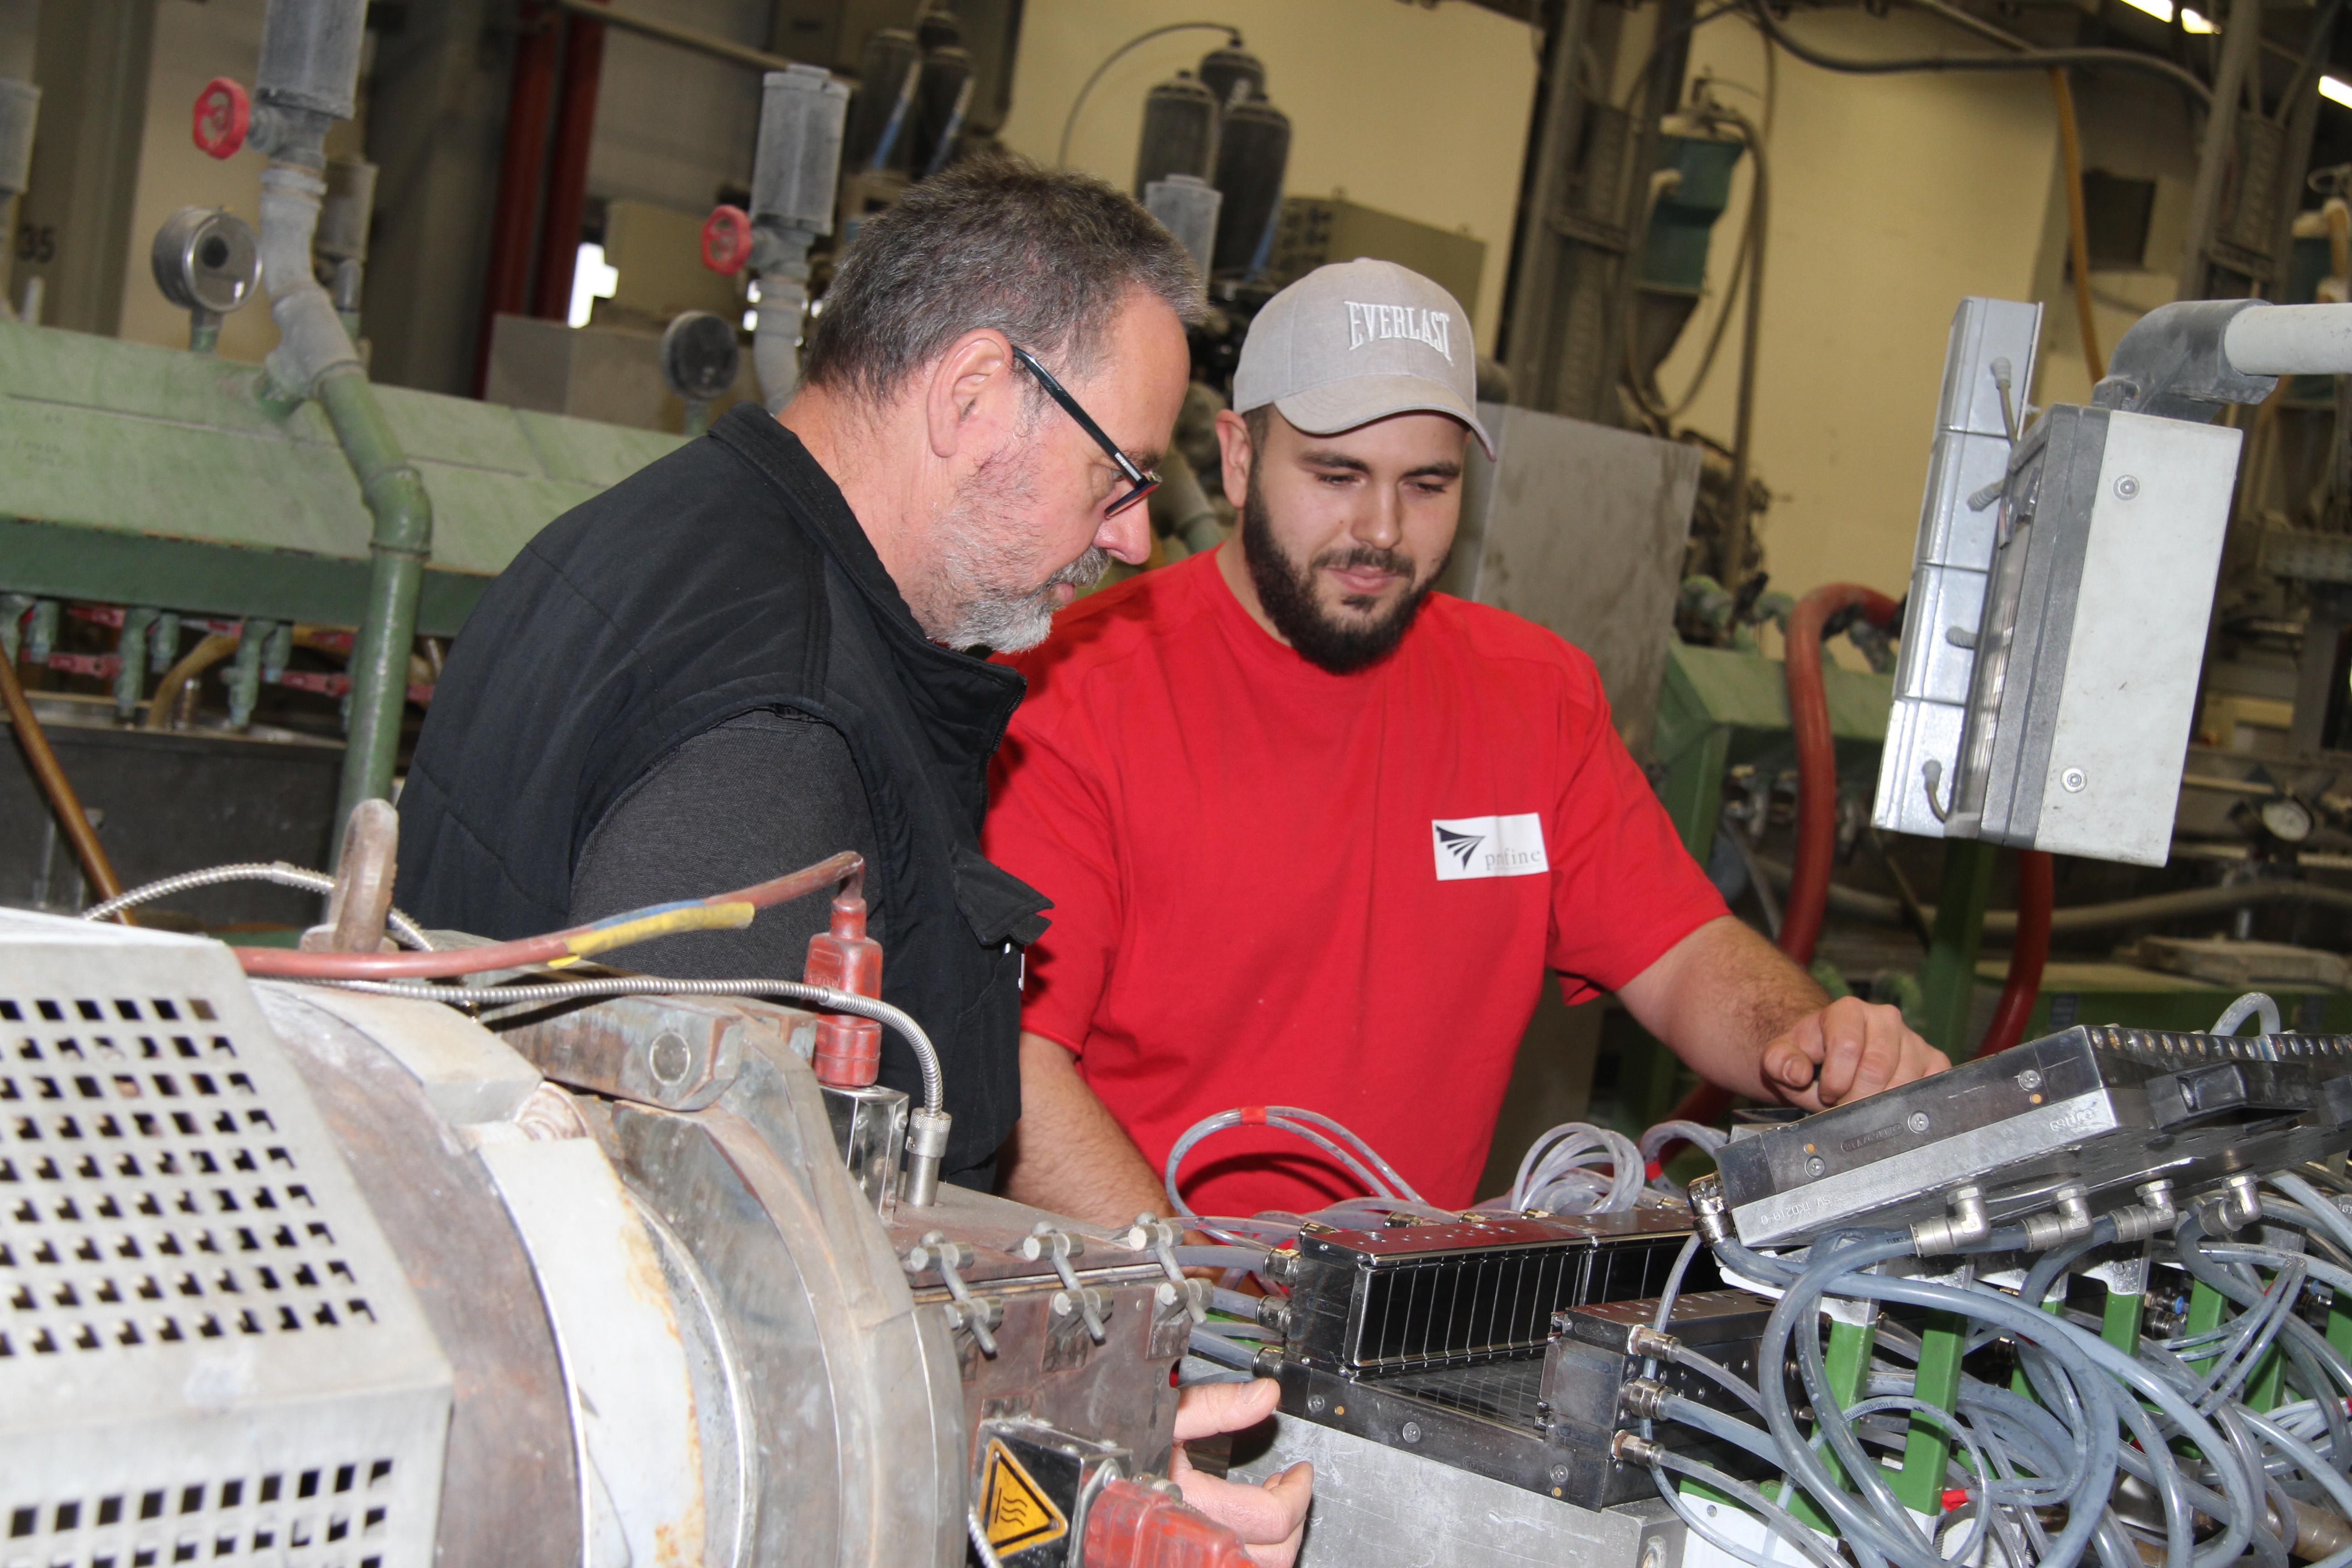 Ausbilder Michael Peukert und Verfahrensmechaniker Mert Savac vor einer Maschine.